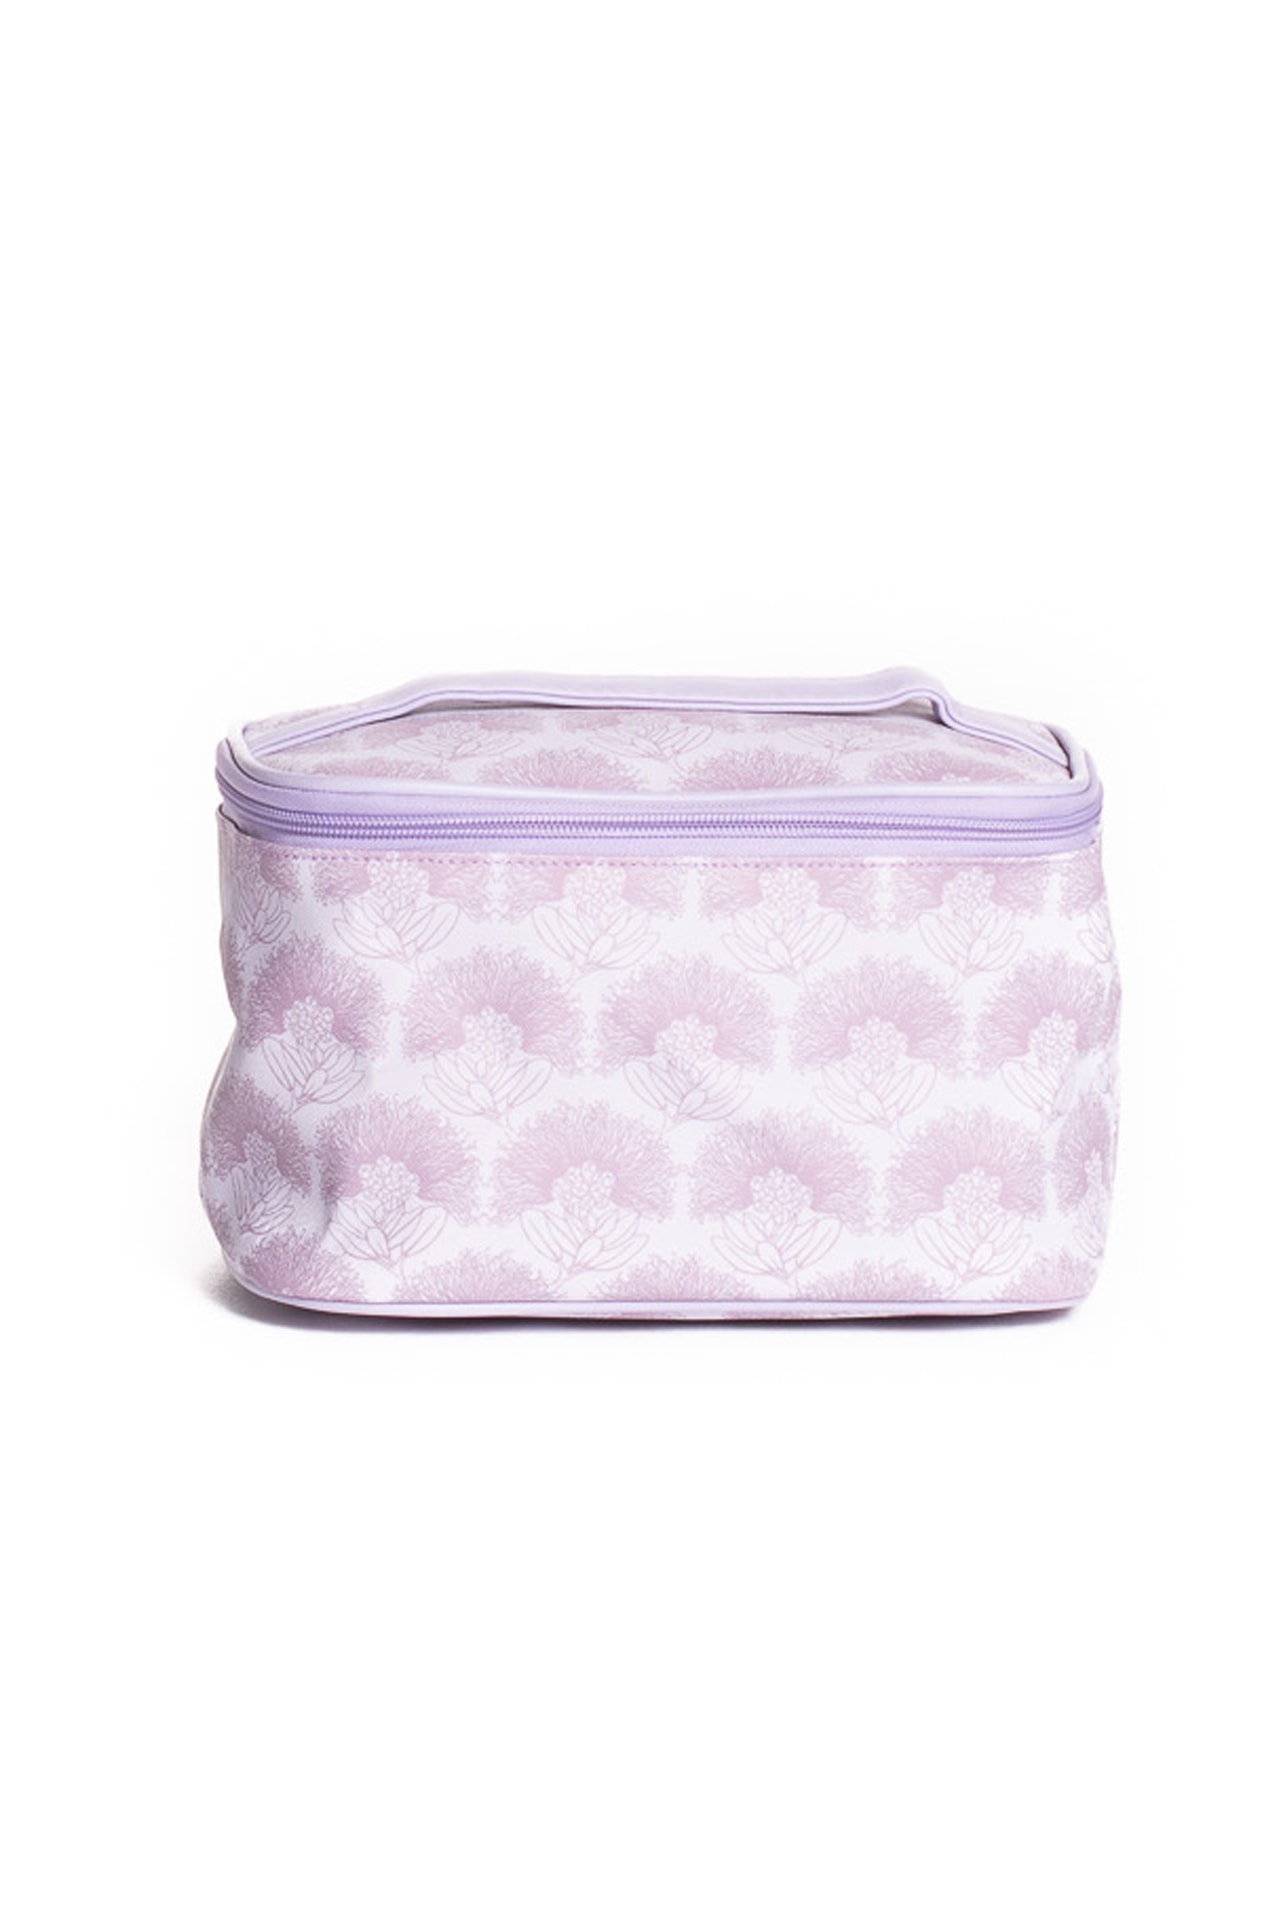 Hoonani Muah Bag in Purple